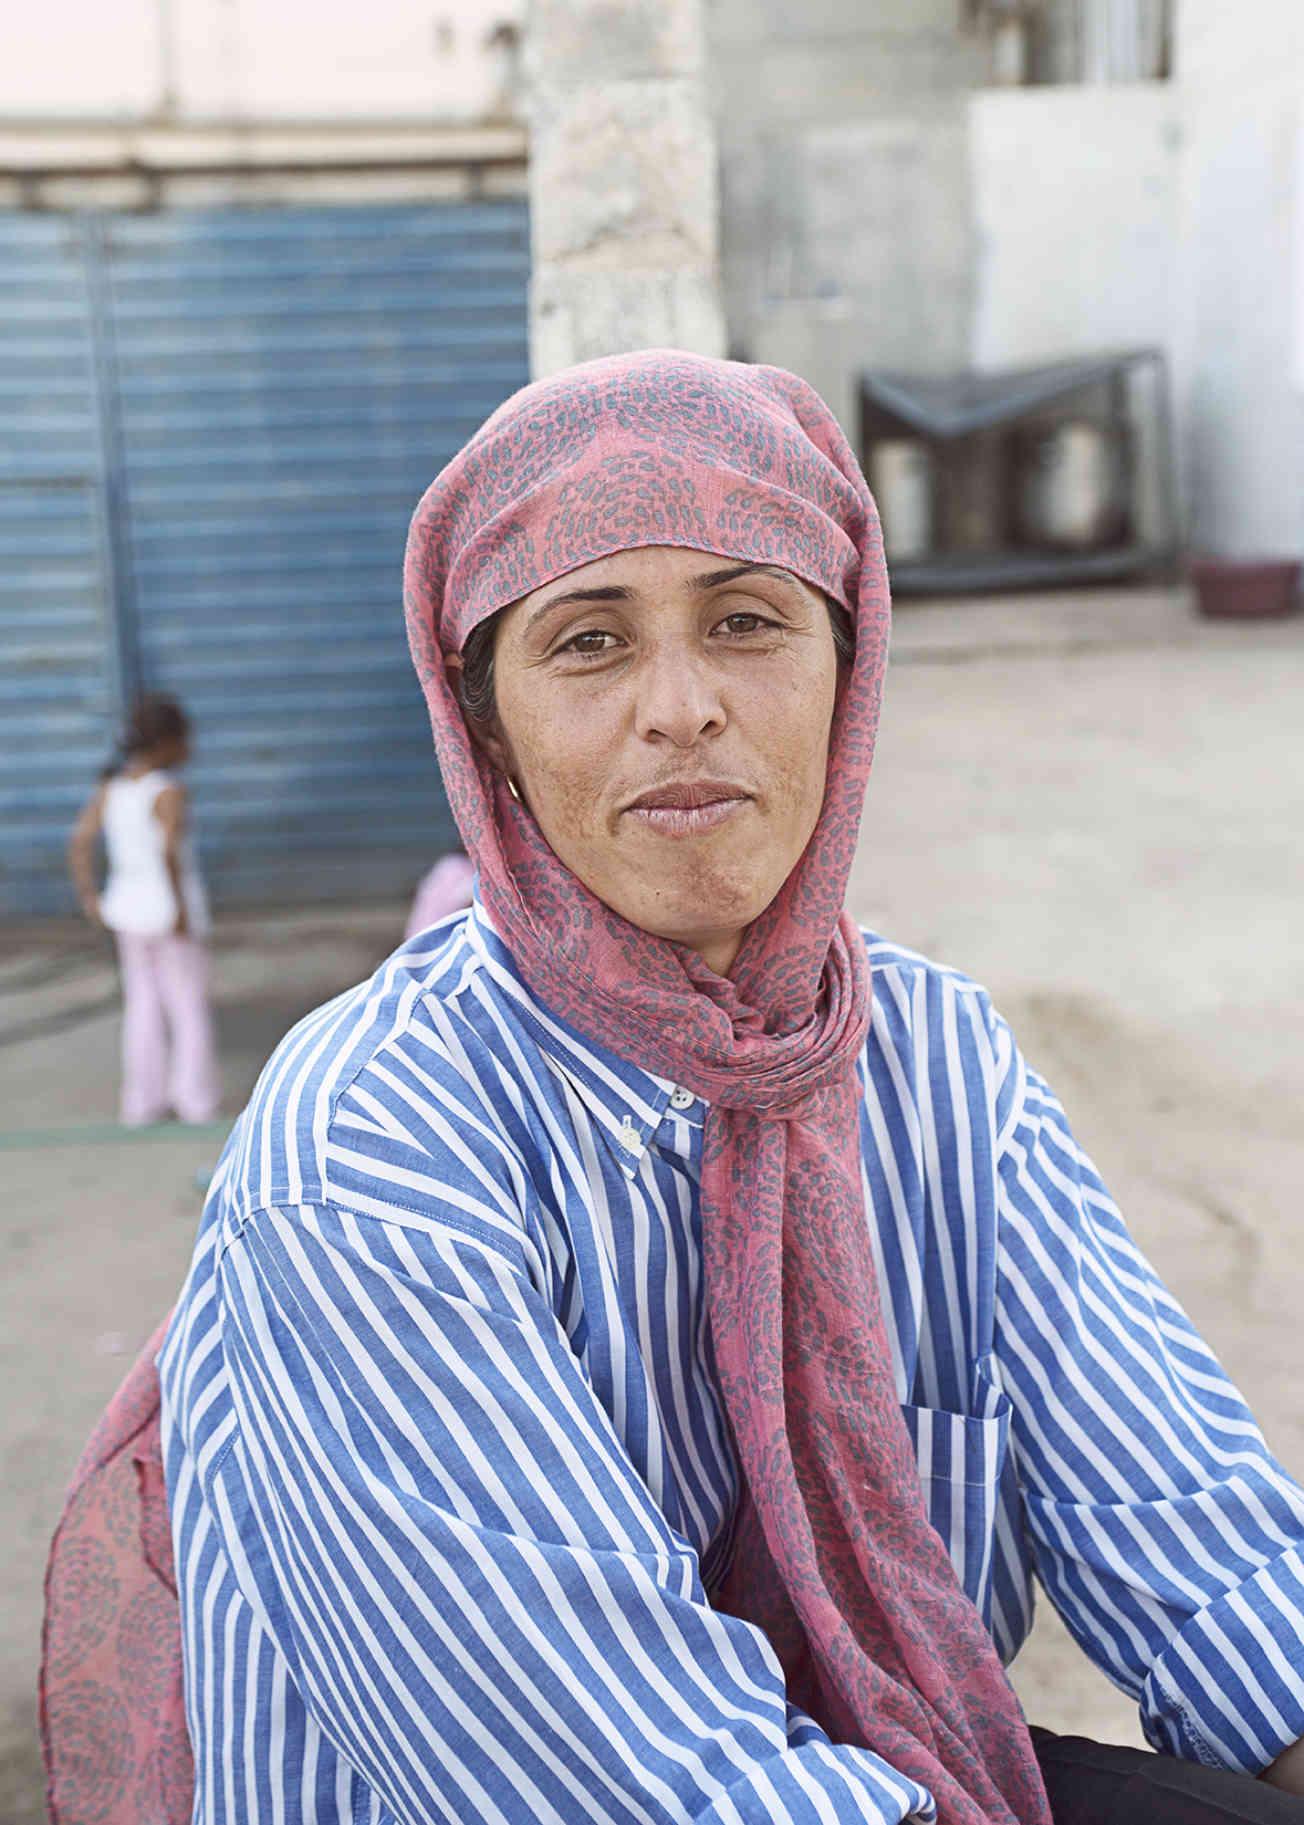 Mohida, Afghanistan